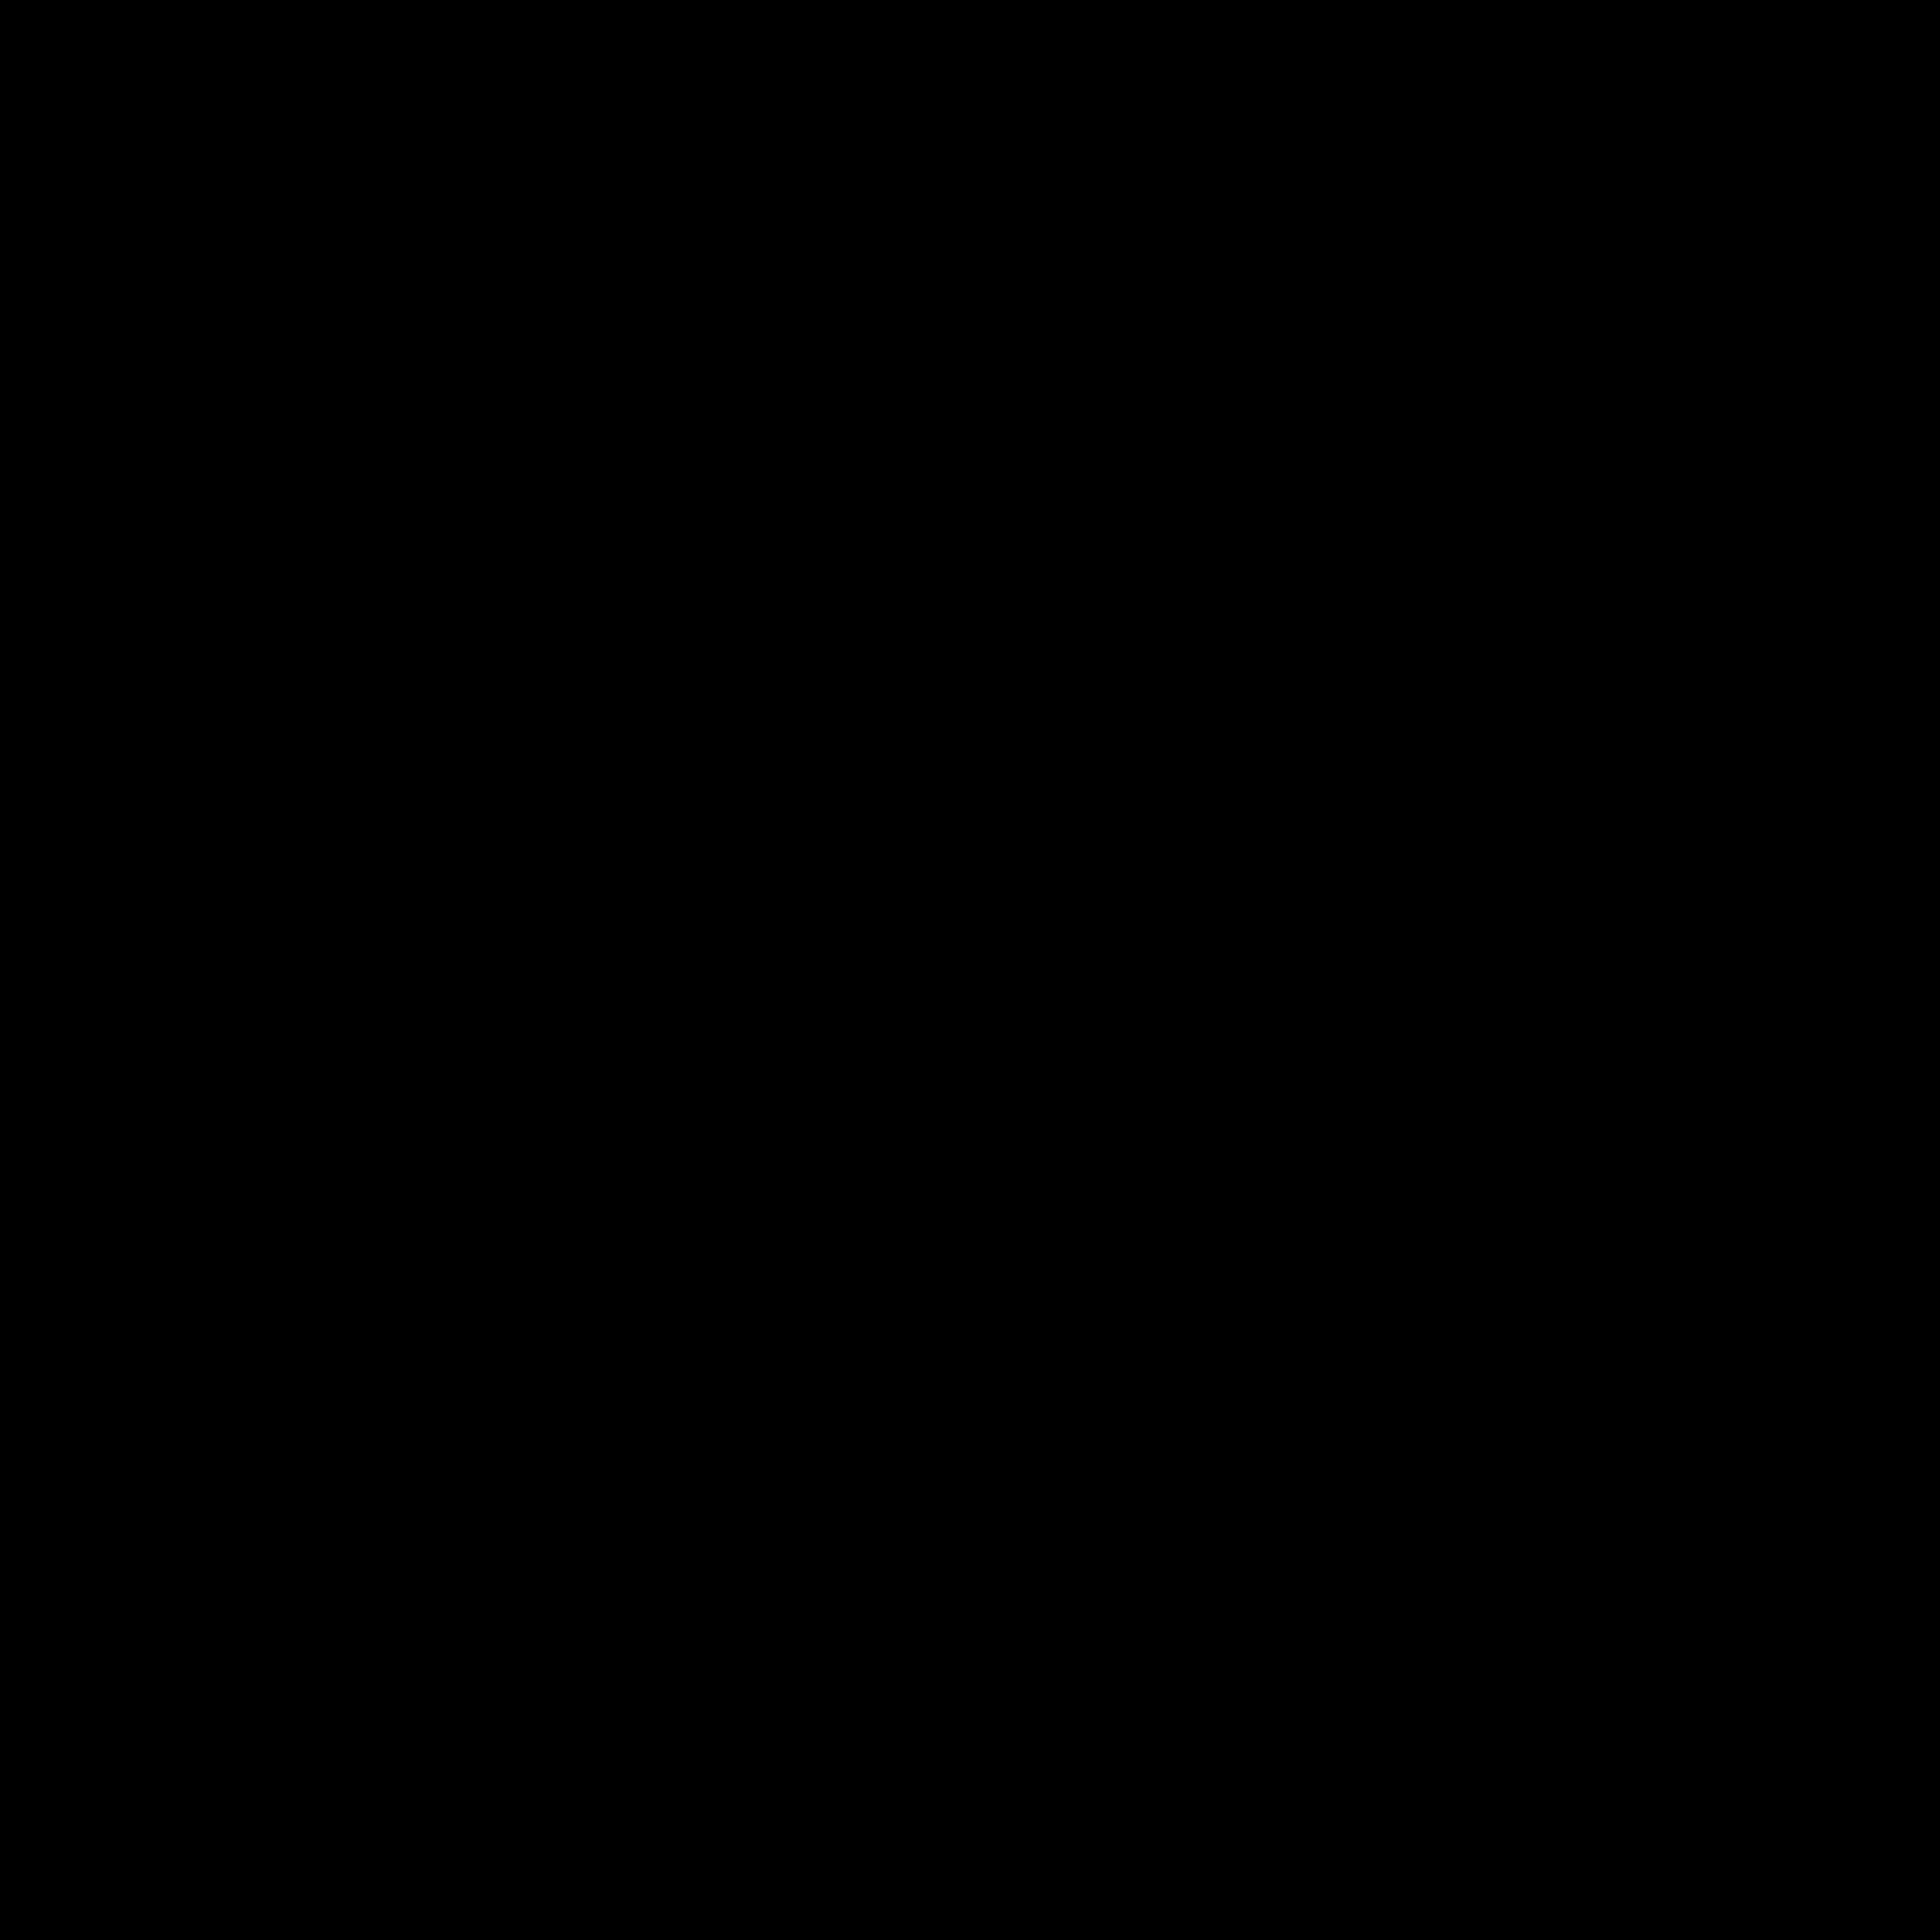 forever 21 logo 0 - Forever 21 Logo